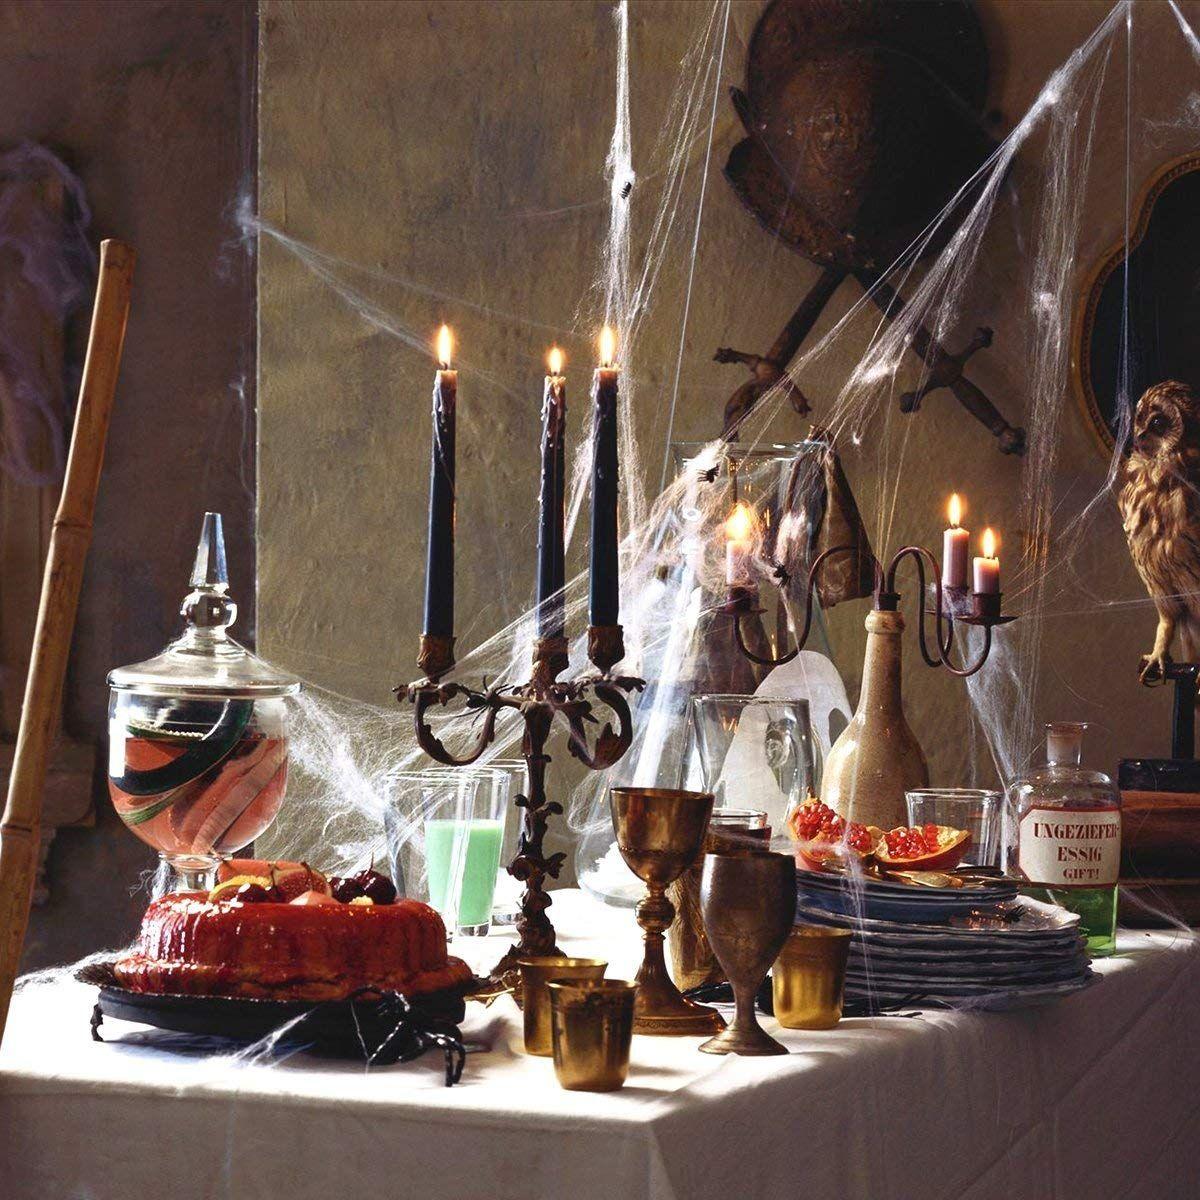 Gruselige Halloween Party Deko Perfekt Um An Halloween Das Haus Innen Oder Aussen Zu Verkleiden Der Clou Das Riesi Halloween Spinnennetz Spinnennetz Spinne